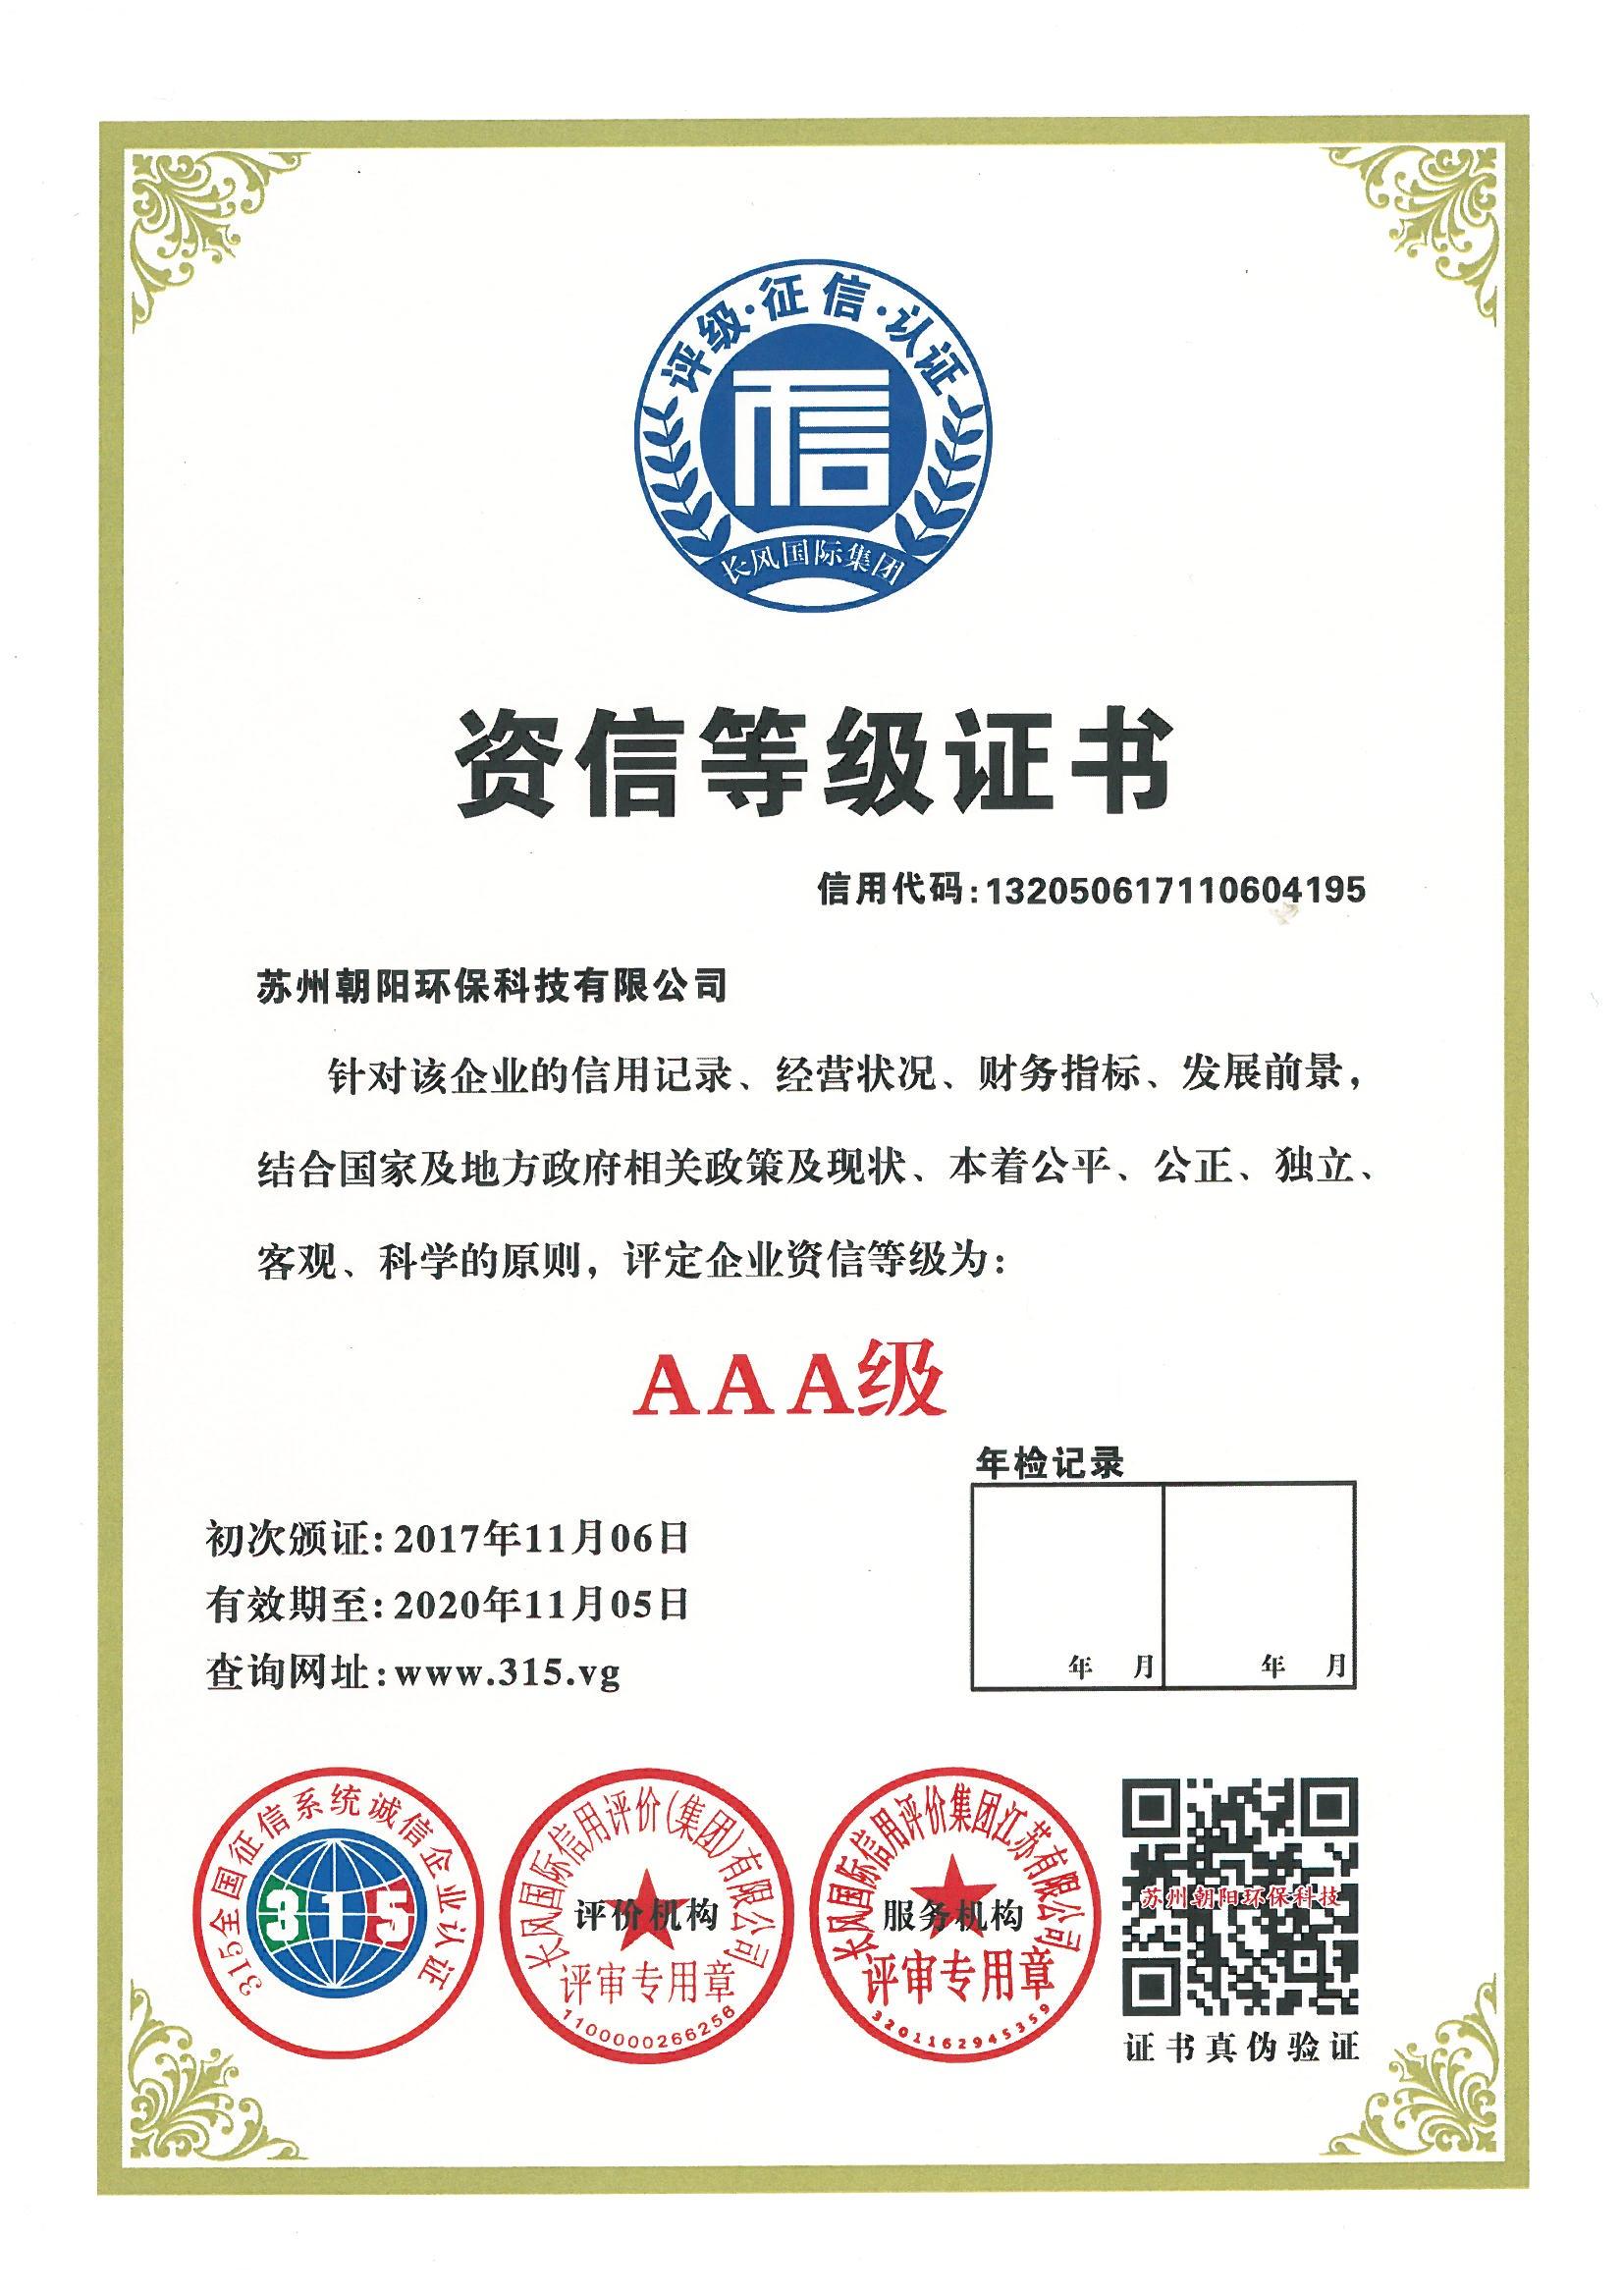 朝陽資信AAA證書